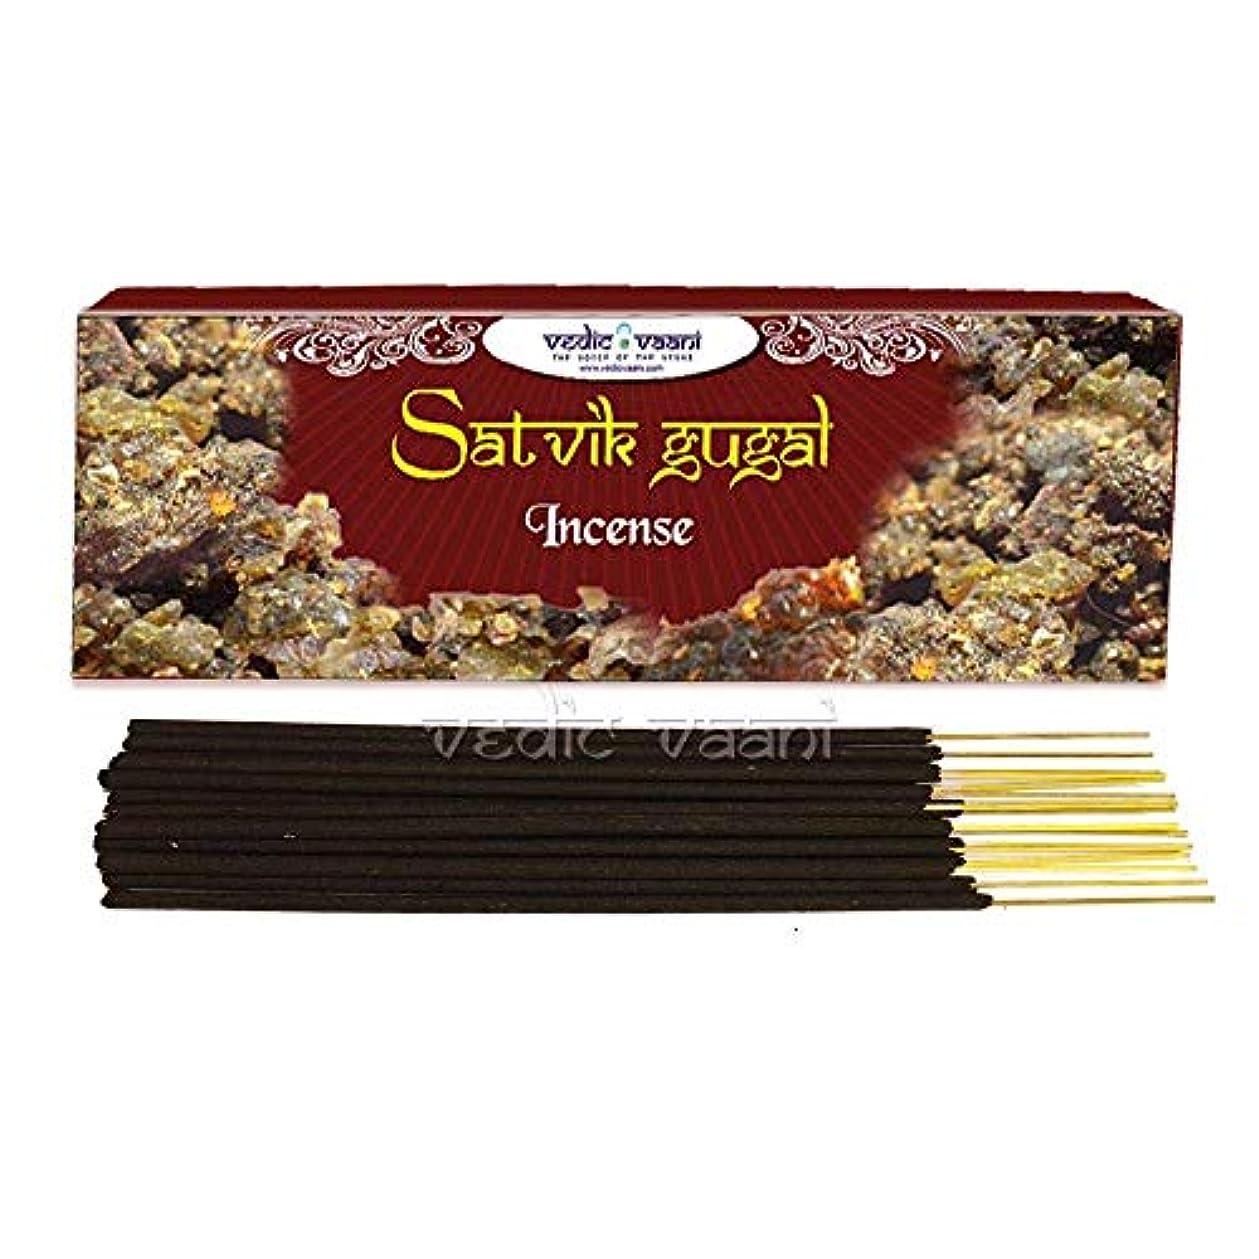 寛大な乱闘符号Vedic Vaani Satvik Gugal Dhoop Hand Rolled Spiritual Perfume Gugal Fragrance Agarbatti Incense Sticks for Offering...